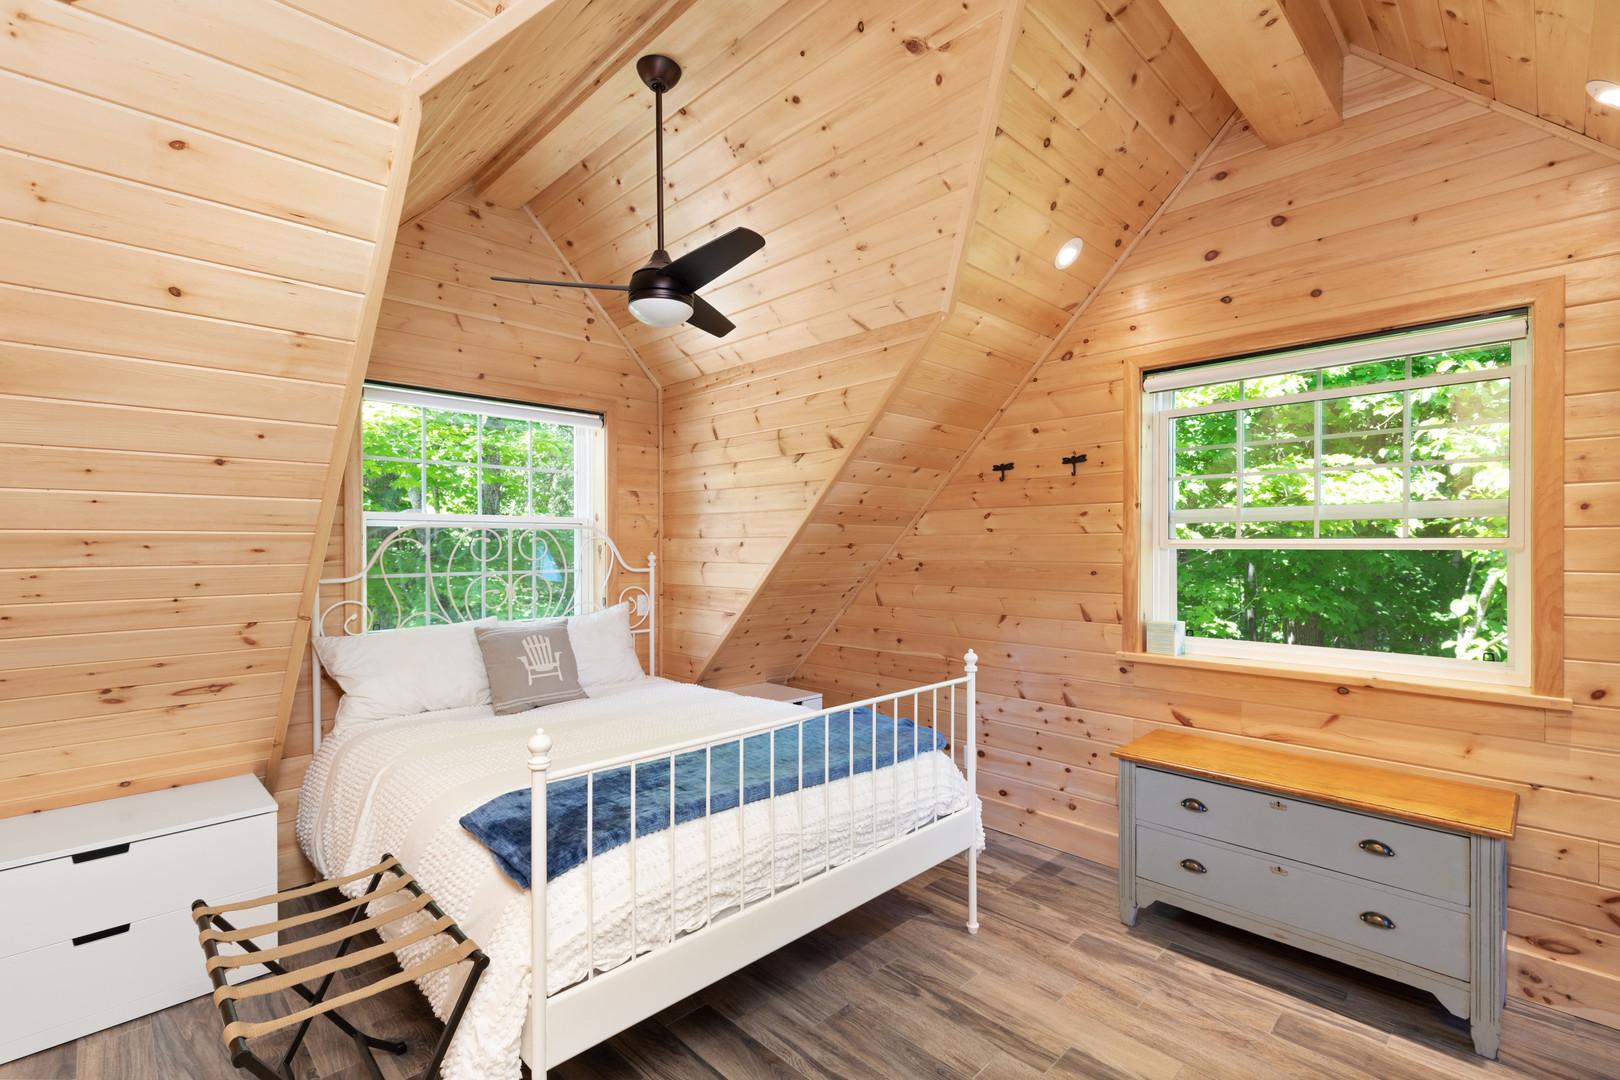 Charming Muskoka cottage bedroom